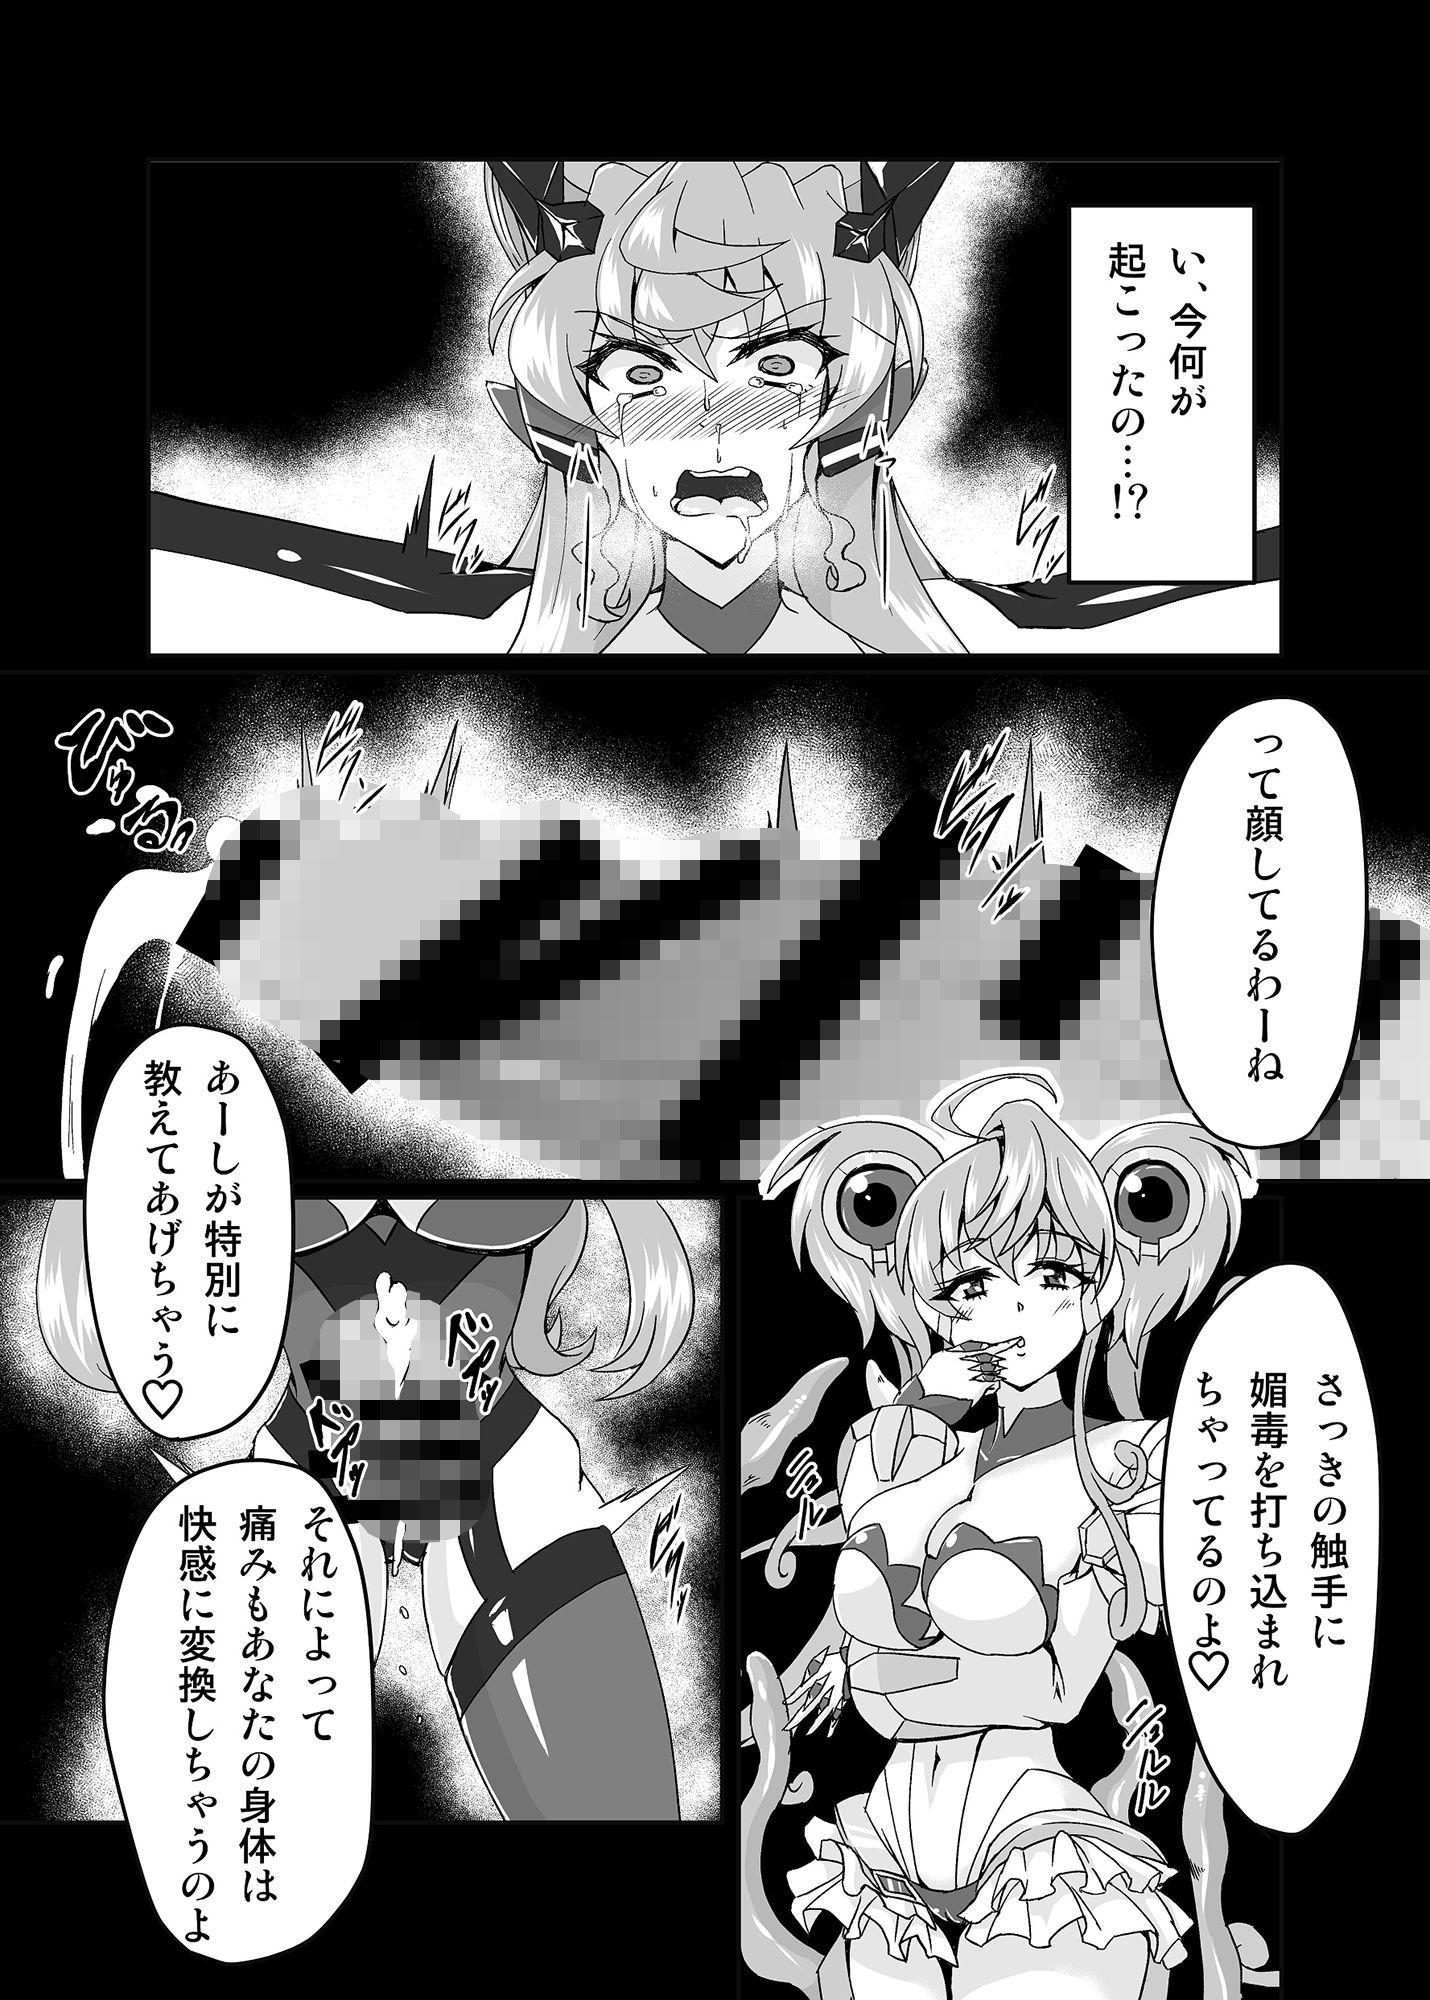 サンプル画像1:マリカリ大触手(第三新世界) [d_188351]